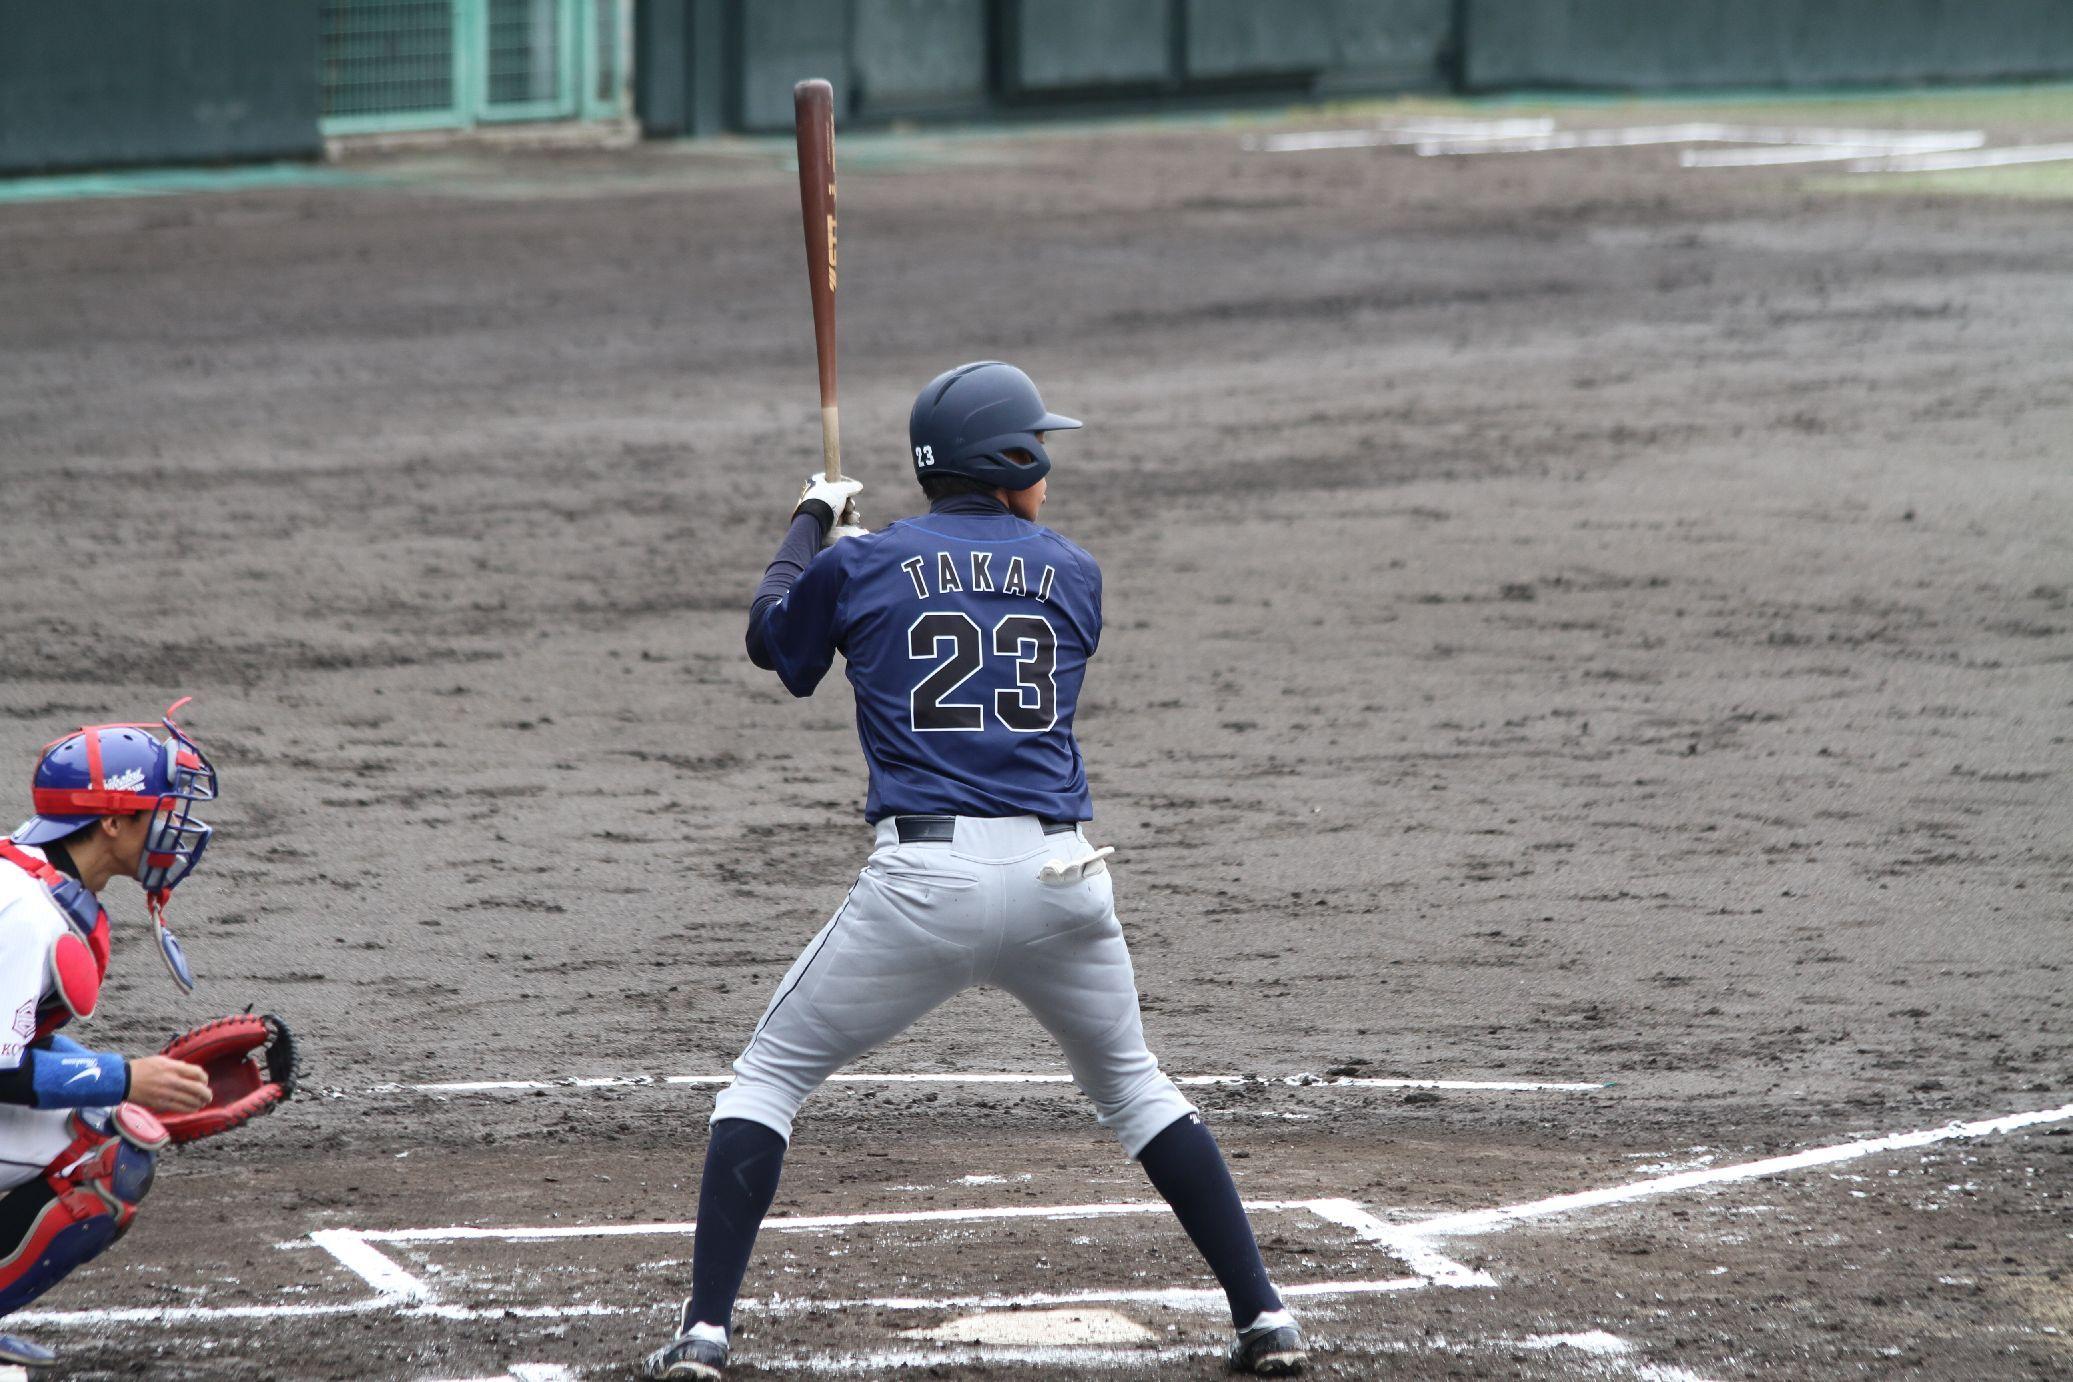 高井圭選手は、新日鐵 広畑戦で2塁打